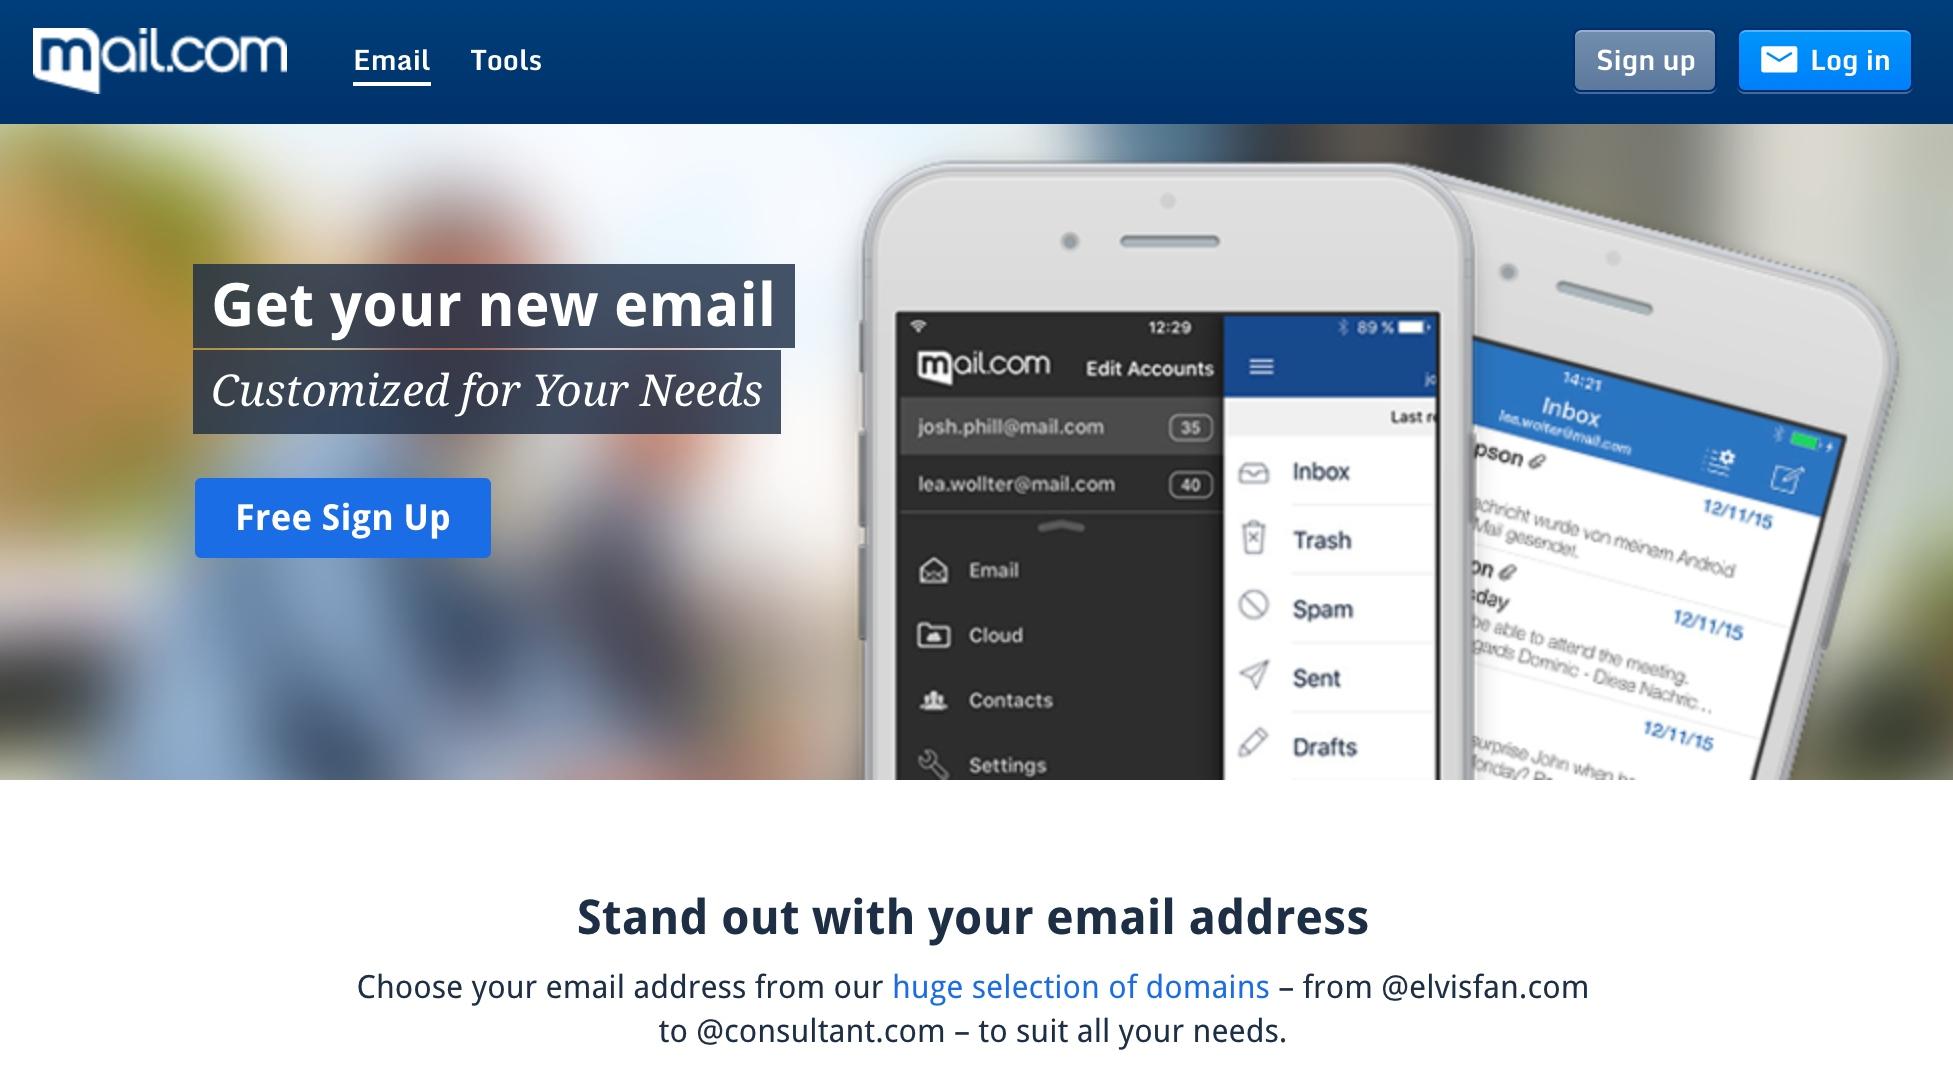 Mail.com es una de las mejores formas de obtener un dominio de correo electrónico gratuito